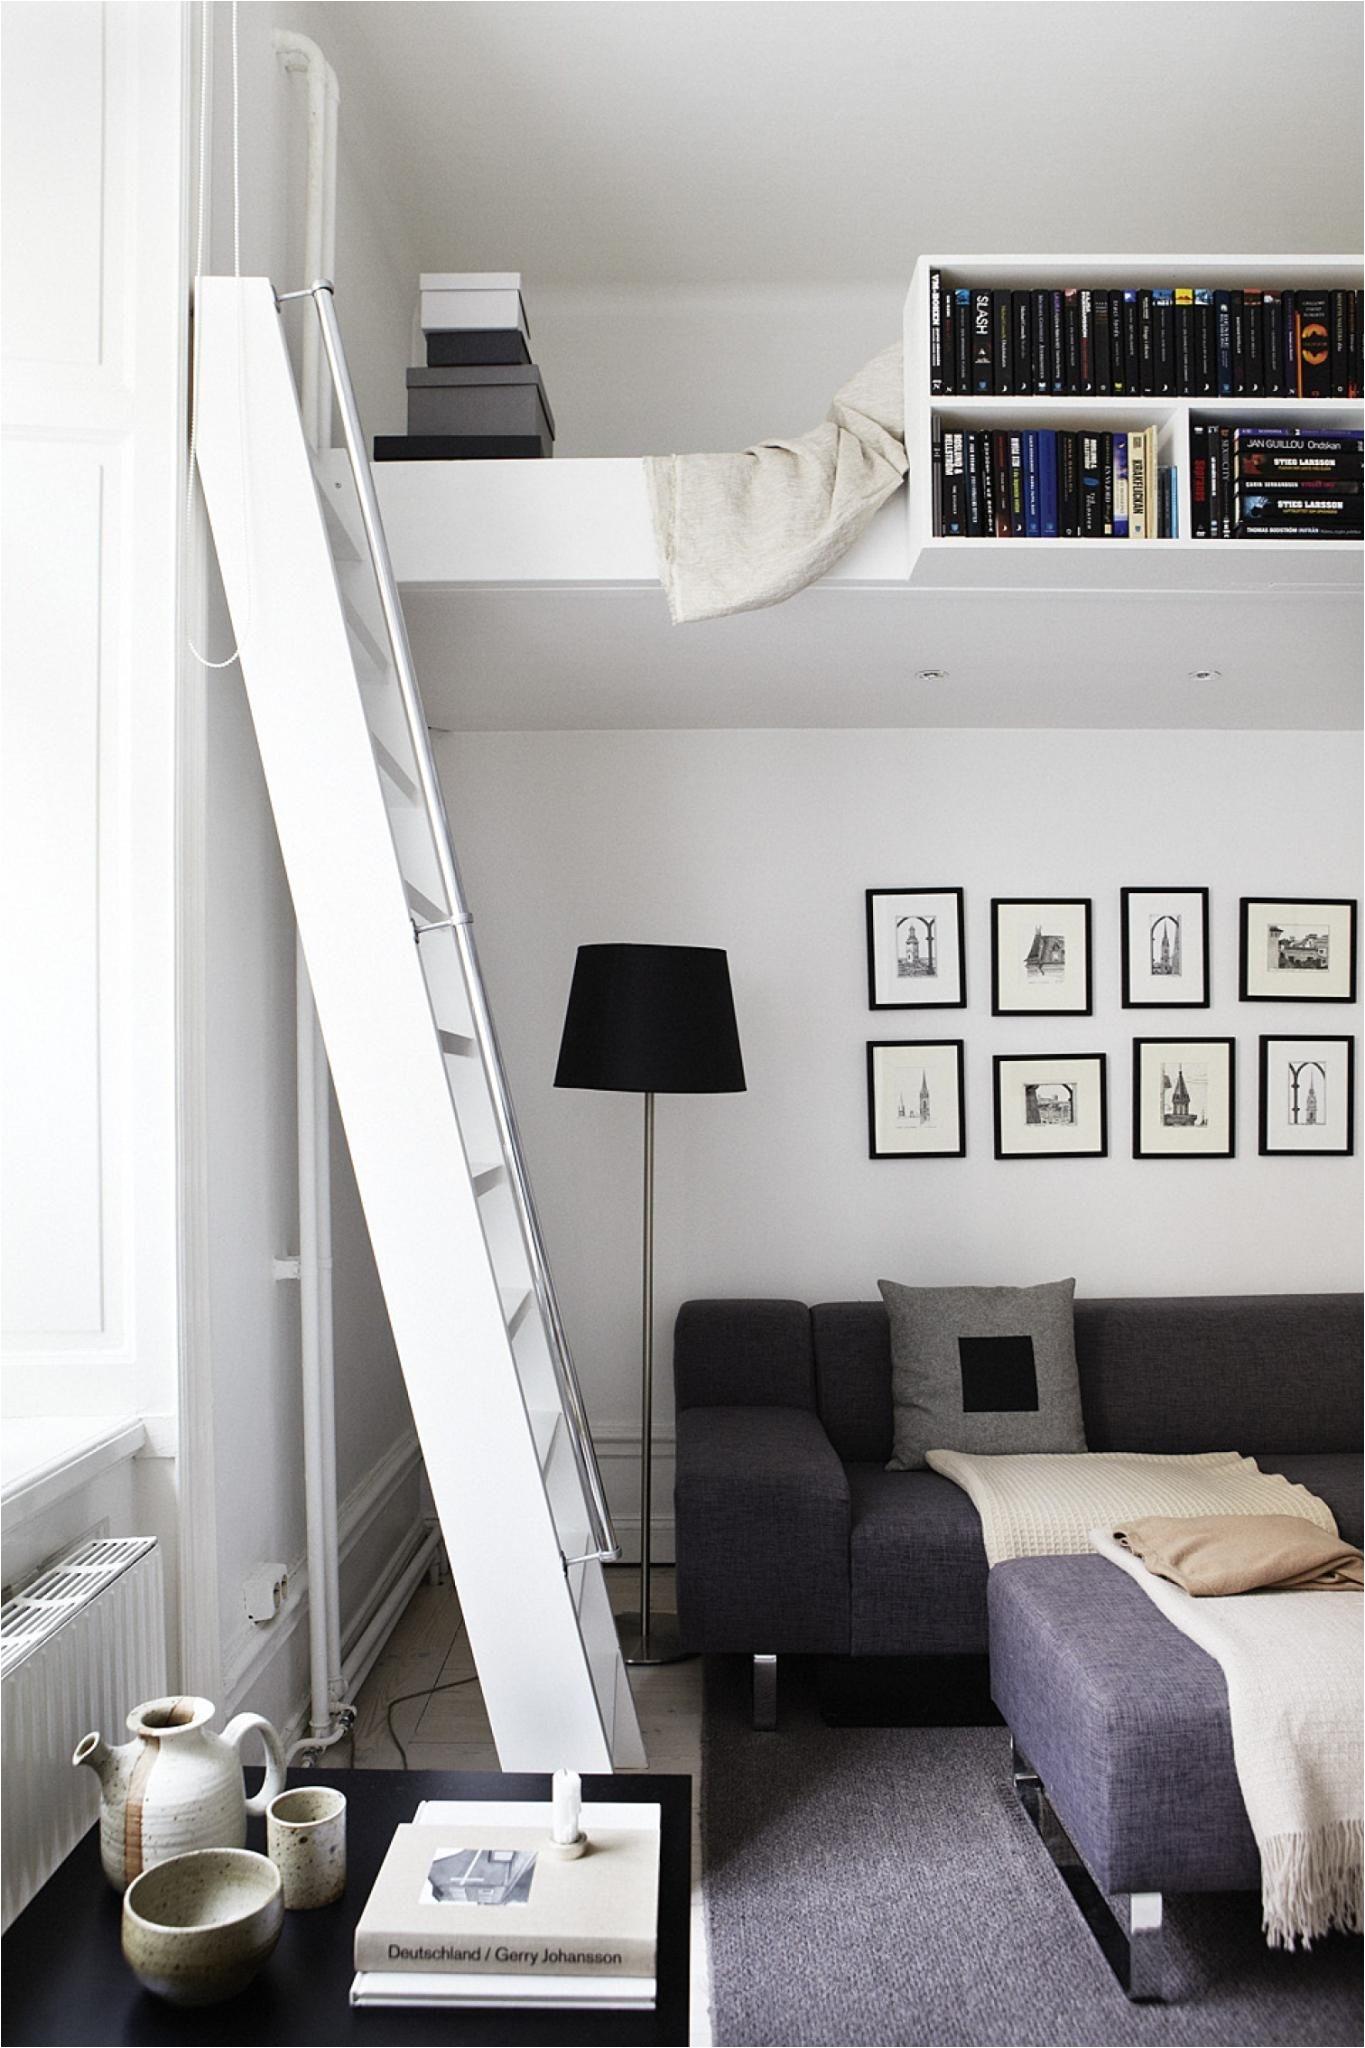 Small Loft Bedroom Ideas Upplandsgatan 67 Fantastic Frank Bedroom Pinterest